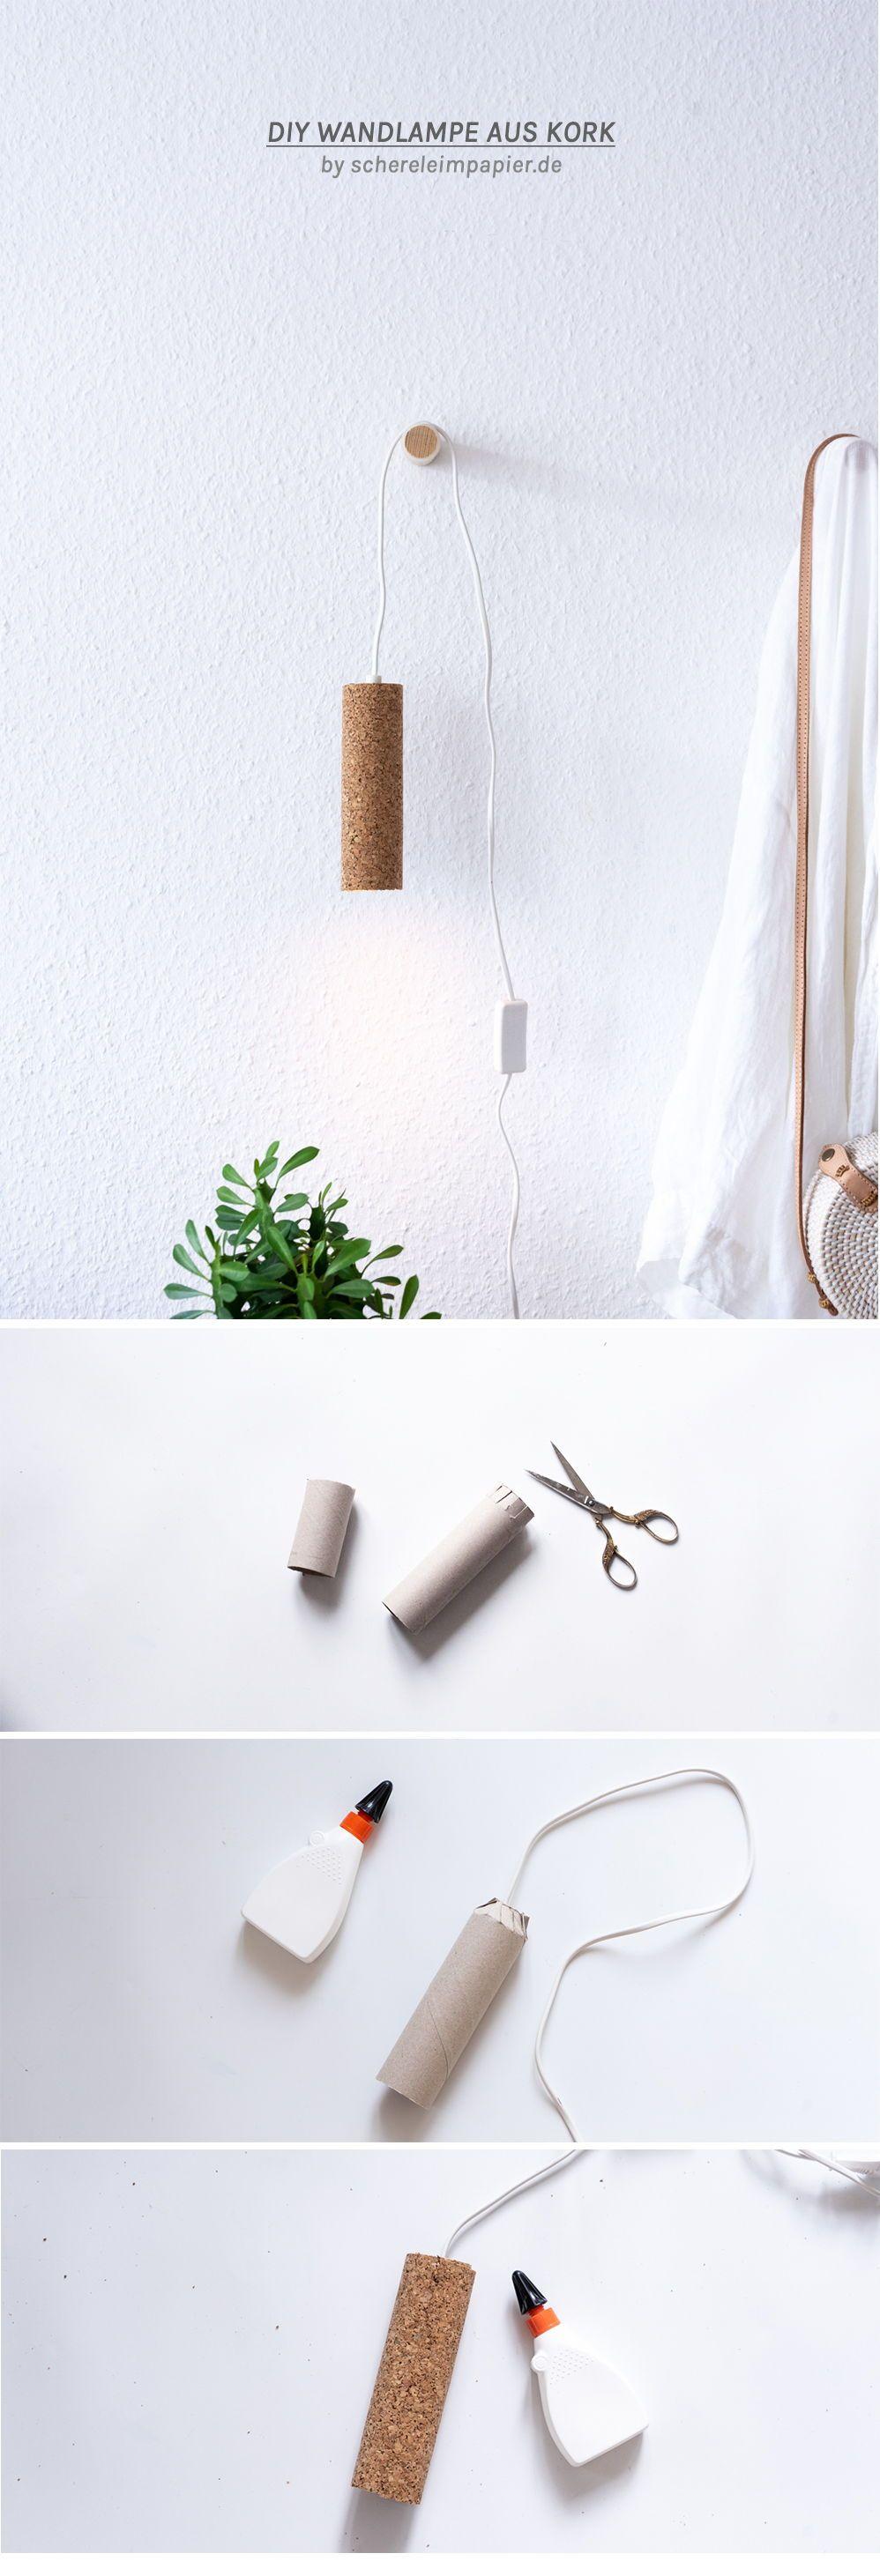 DIY Lampe basteln - eine Upcycling Idee mit Kork & Pappe